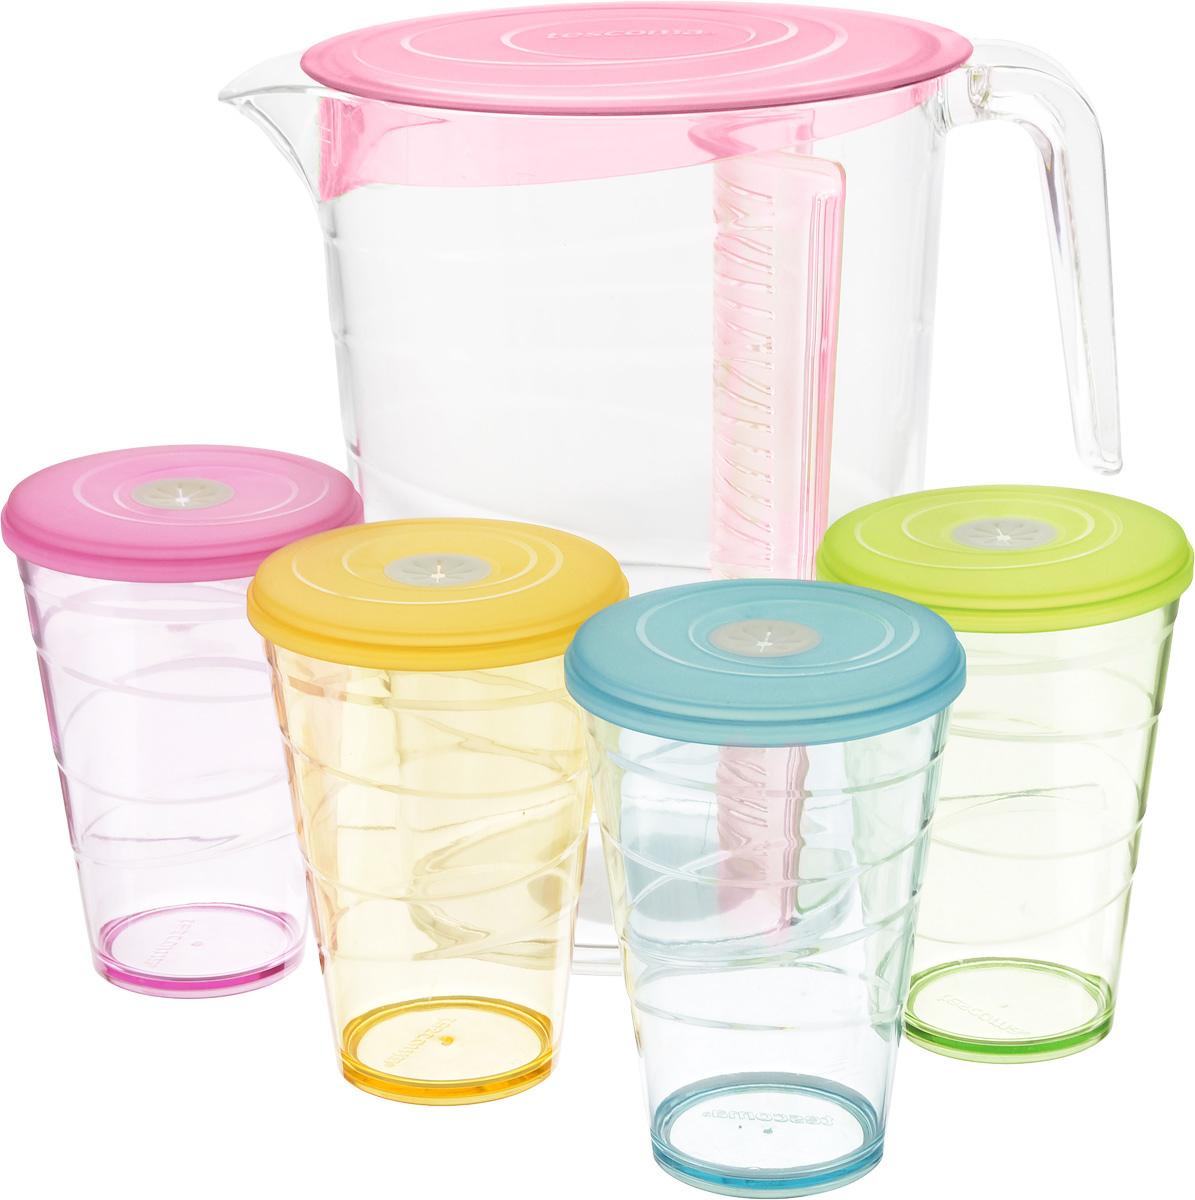 Набор питьевой Tescoma My Drink, цвет: розовый, 9 предметов308802.19Набор питьевой Tescoma My Drink - великолепное решение для летних прохладительных напитков! Набор состоит из кувшина и 4 стаканов. Для изготовления кувшина и стаканов используется первоклассный нетоксичный пластик, пригодный для долгосрочного контакта с пищевыми продуктами и не содержащий химических добавок.Кувшин оснащен специальной перегородкой для фруктов и листьев мяты, которая позволяет не допускать смешивания с основной жидкостью в кувшине. Это избавит вас от дополнительной фильтрации лимонада. Перегородку удобно снимать и чистить.В комплект входят 4 стакана разного цвета, каждый из которых оснащен крышкой с гибким отверстием для соломинки.Можно мыть в посудомоечной машине на щадящих программах, выдерживает температуру до 60°С.Размер кувшина (по верхнему краю): 12 х 18 см.Высота кувшина: 23 см.Объем кувшина: 2,5 л.Диаметр стакана (по верхнему краю): 8,5 см.Высота стакана: 12 см.Объем стакана: 400 мл.